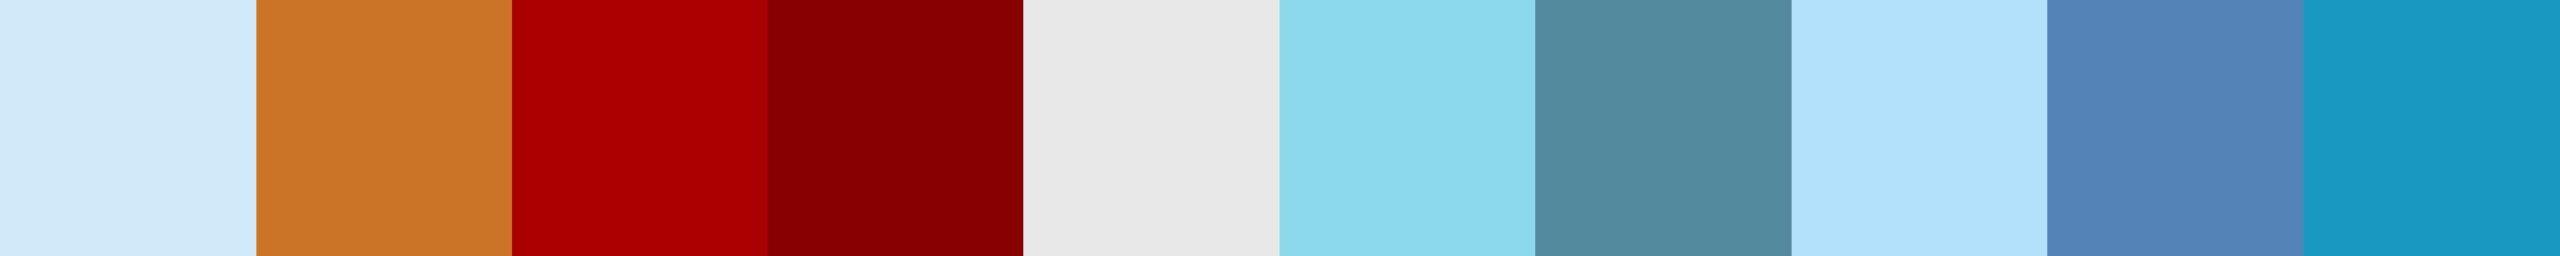 108 Varkolia Color Palette